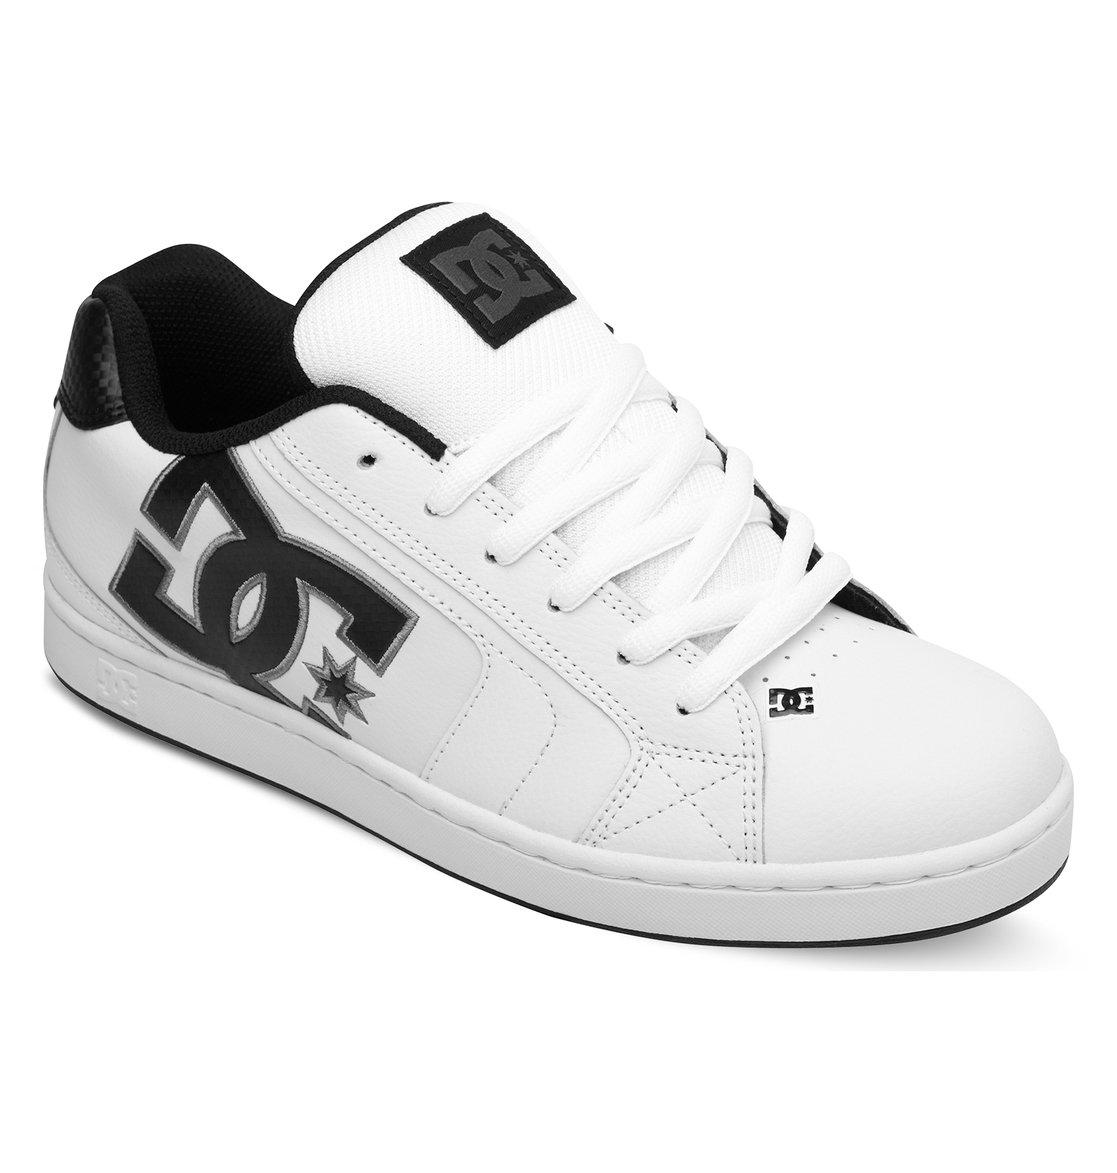 DC Shoes Baskets basses Net T5vgOE